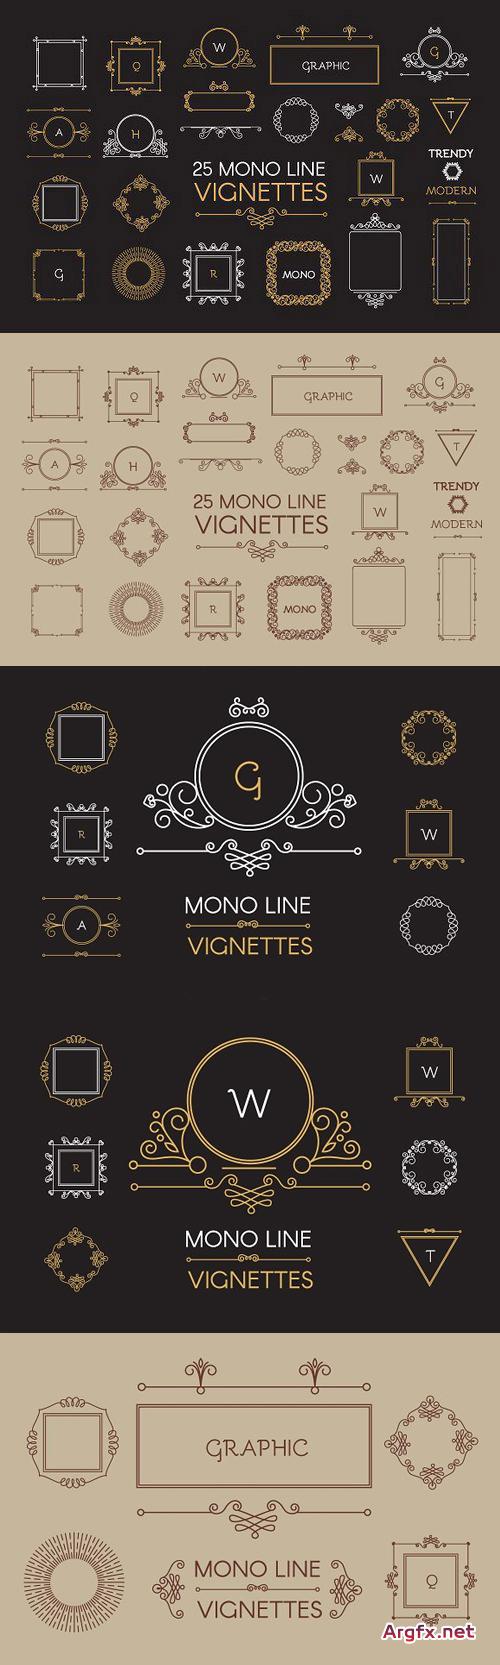 CM - Vintage Vignettes Set. Vector,Raster 670371